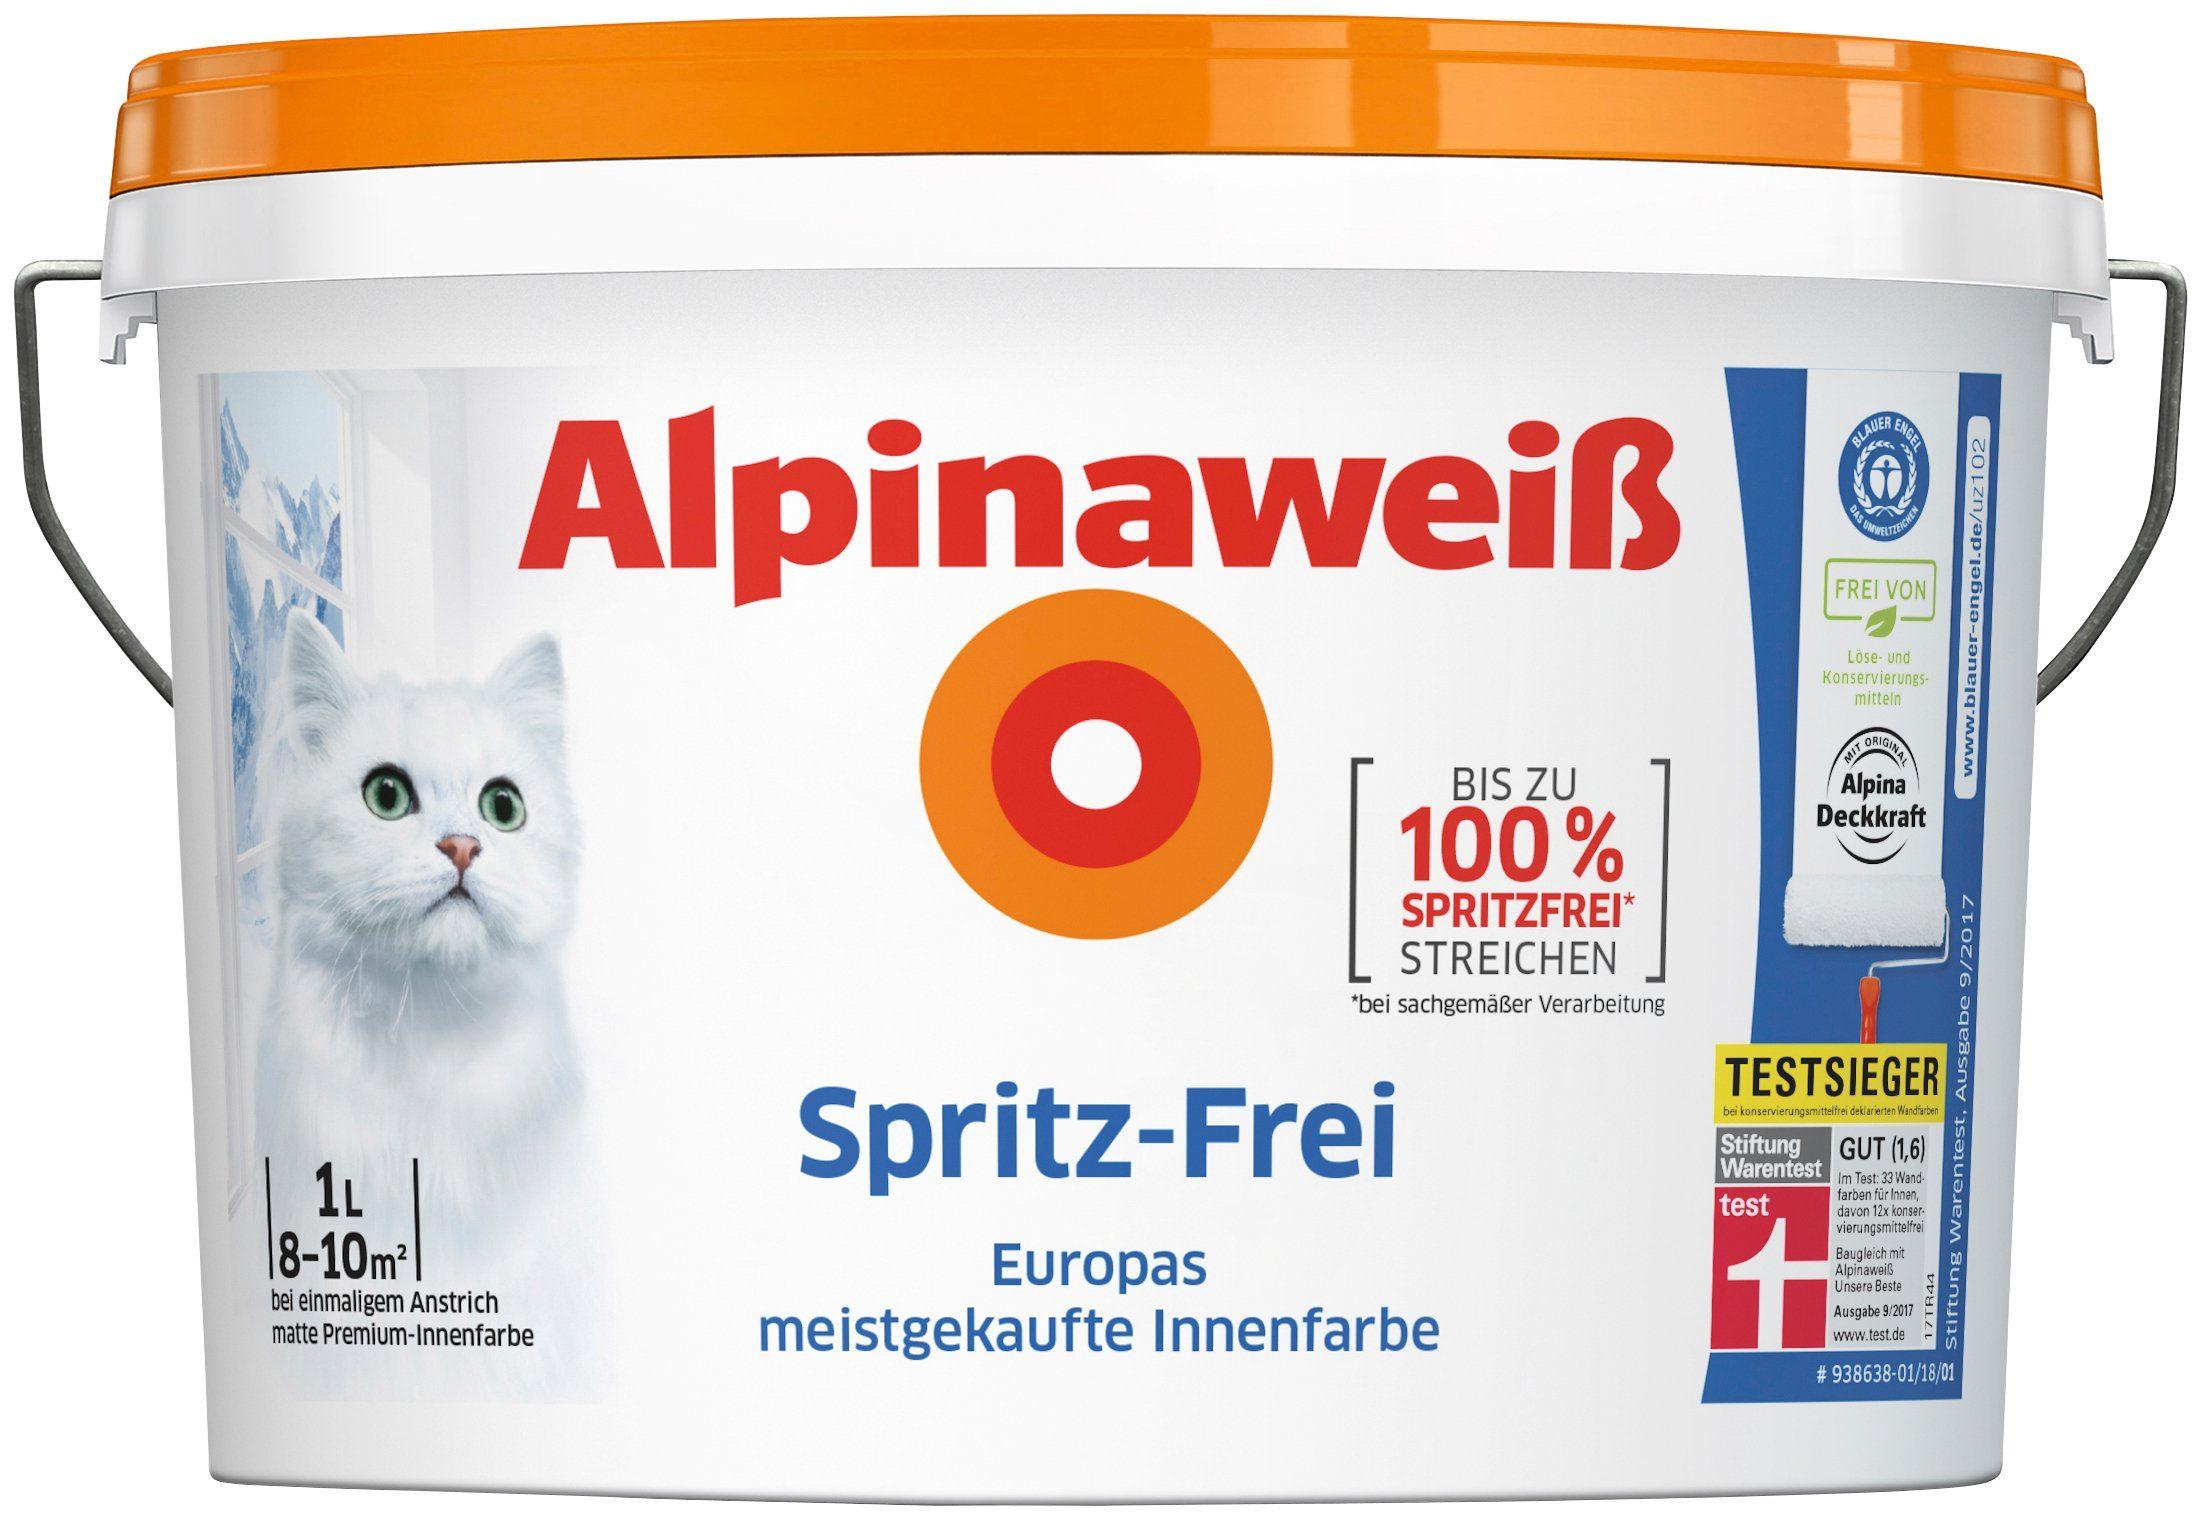 ALPINA Innenfarbe »Spritz-Frei«, Alpinaweiß 1 l